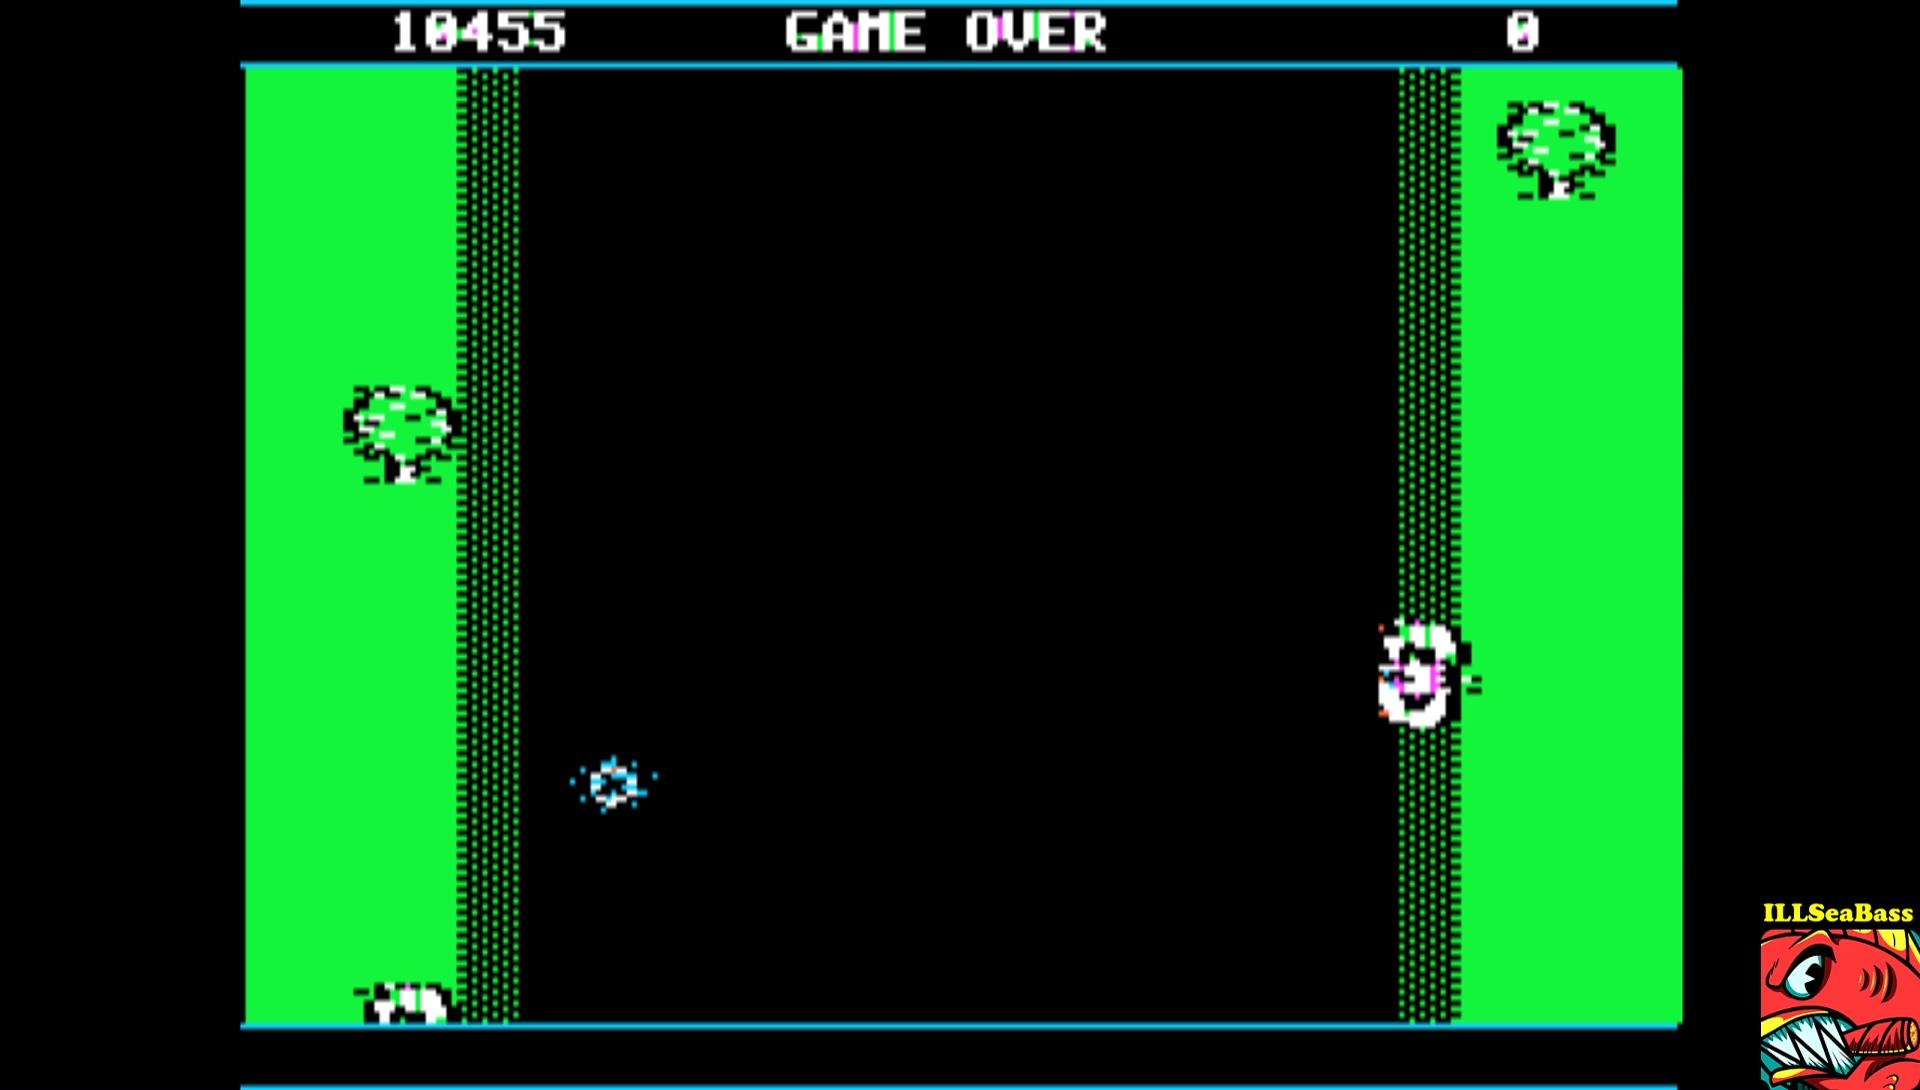 ILLSeaBass: Spy Hunter (Apple II Emulated) 10,455 points on 2017-02-20 23:38:41